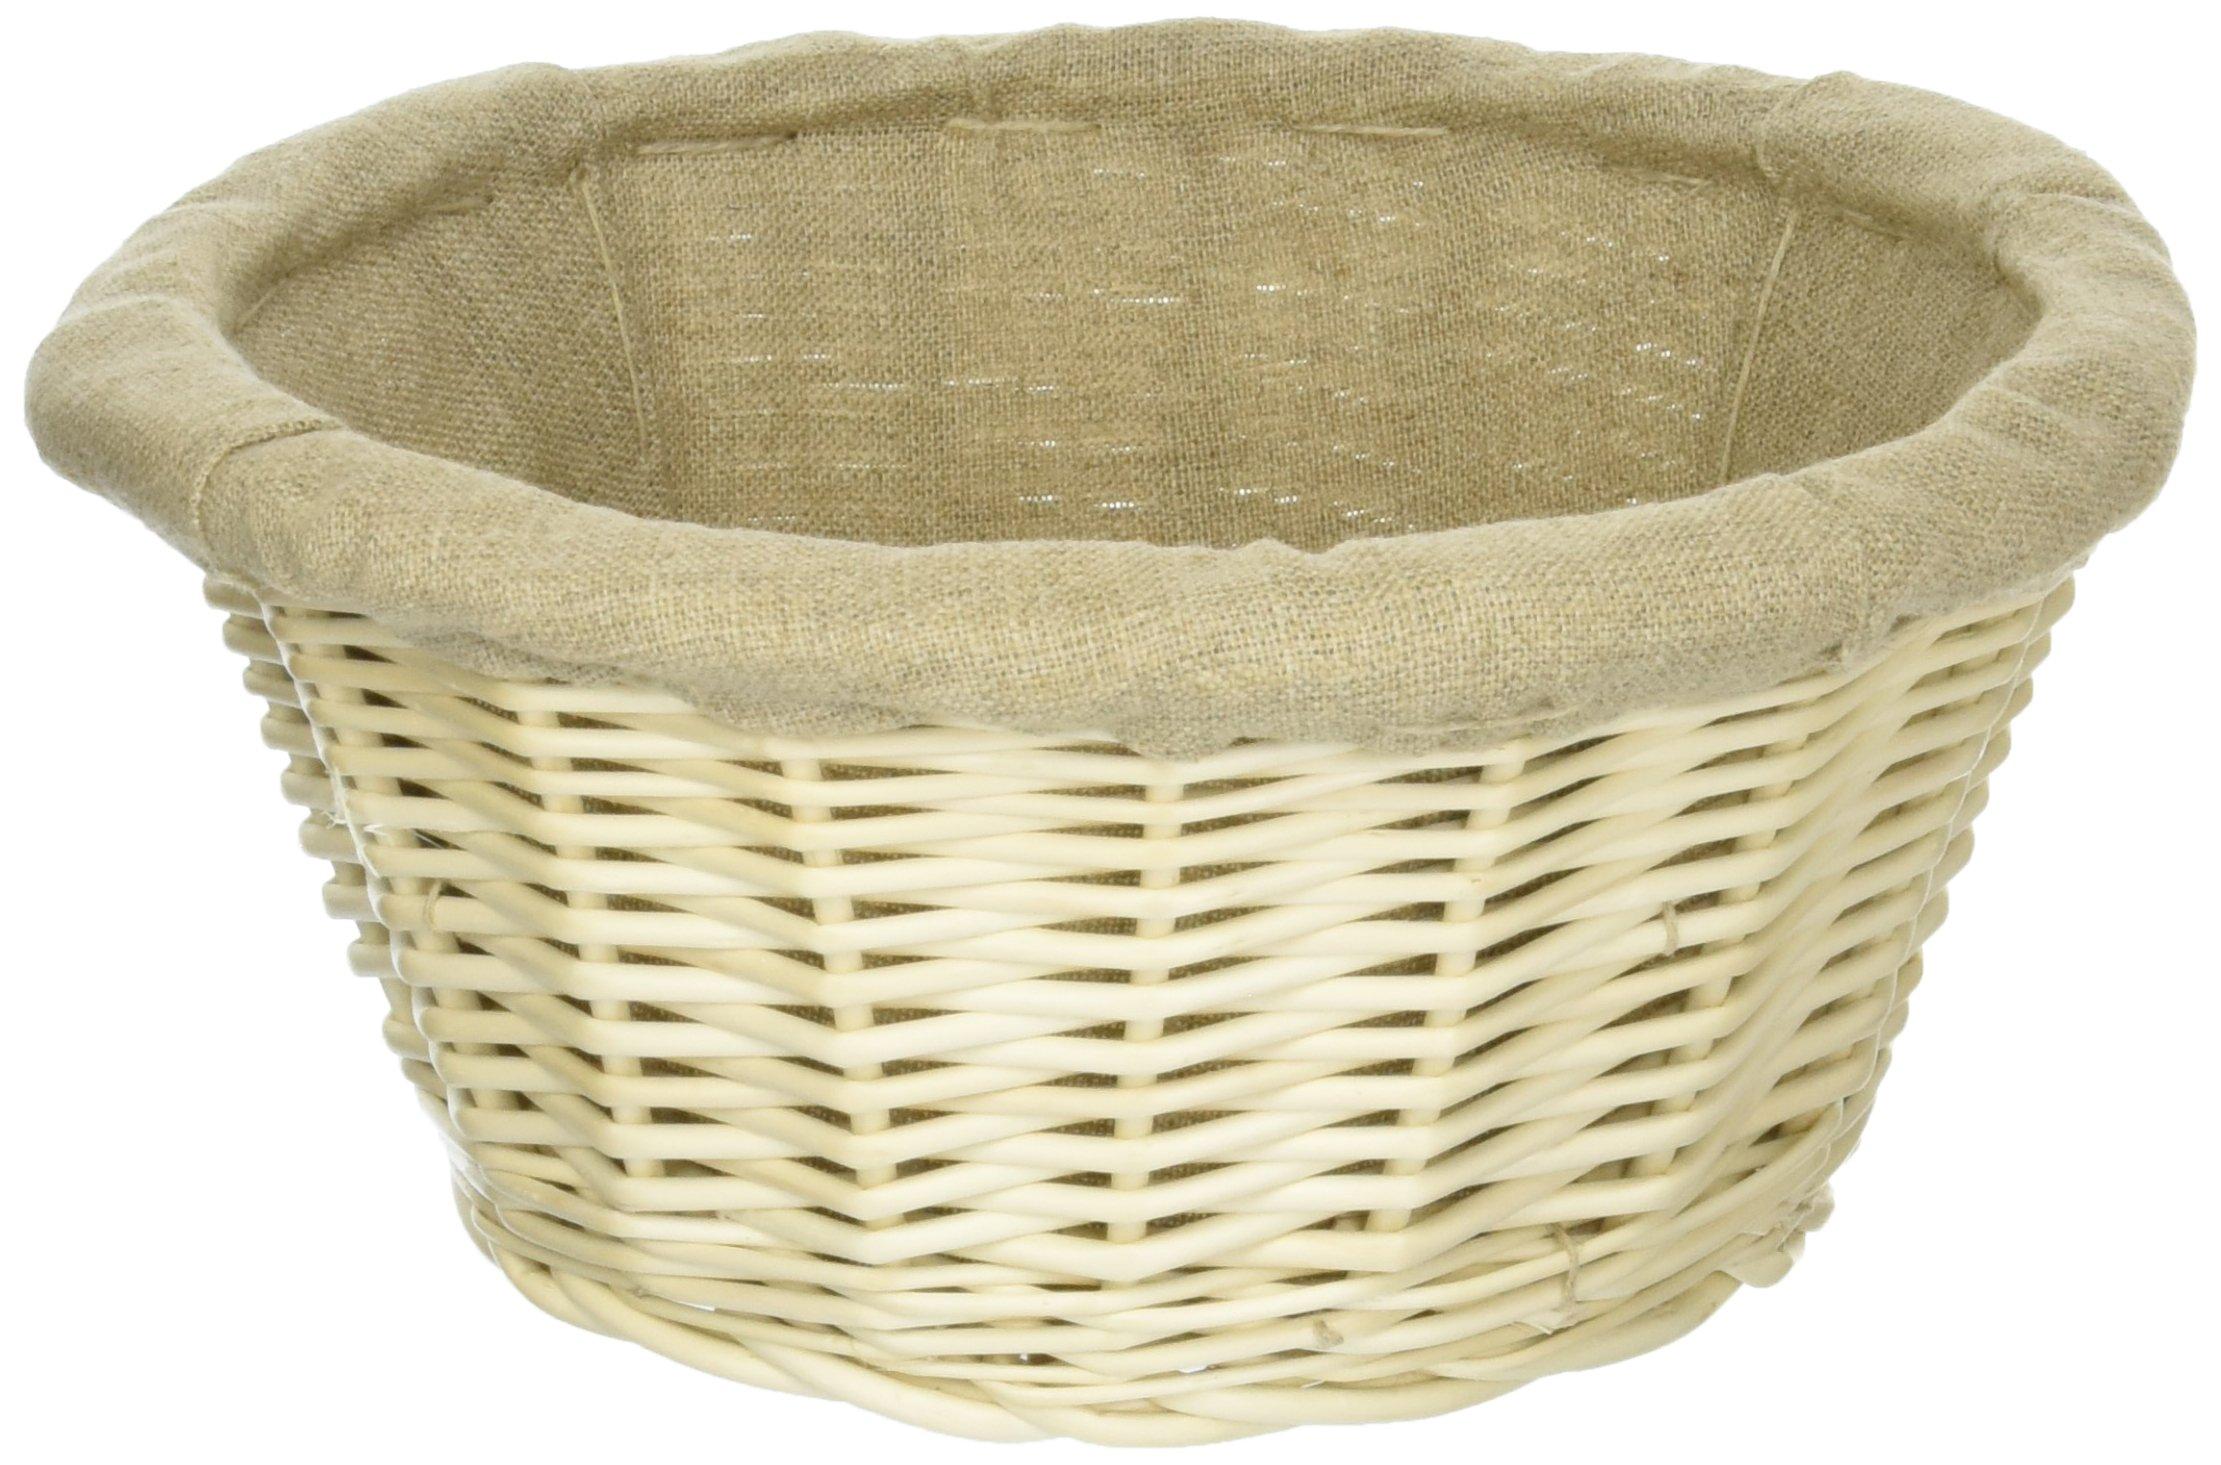 Matfer 10 5/8 Inch Banneton Line Lined Basket